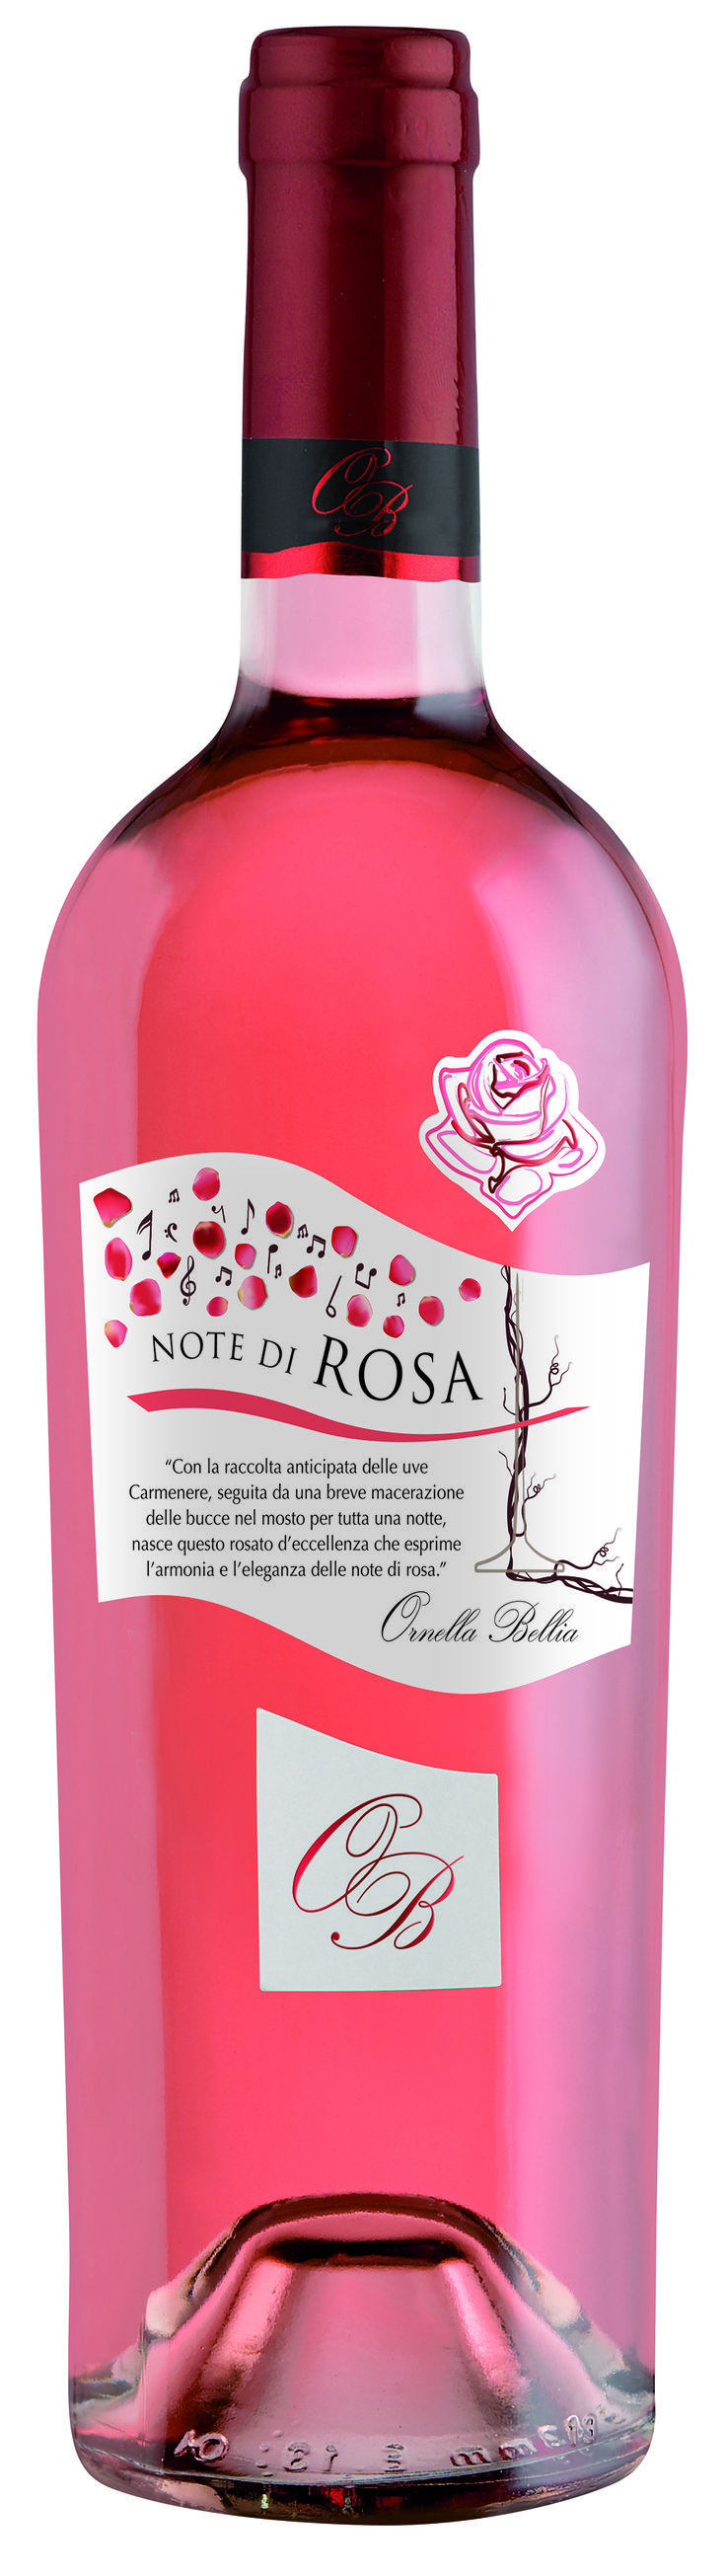 Note di Rosa - Ornella Bellia #winelabel #winedesign #italianwine #Francescon #Collodi #F&C